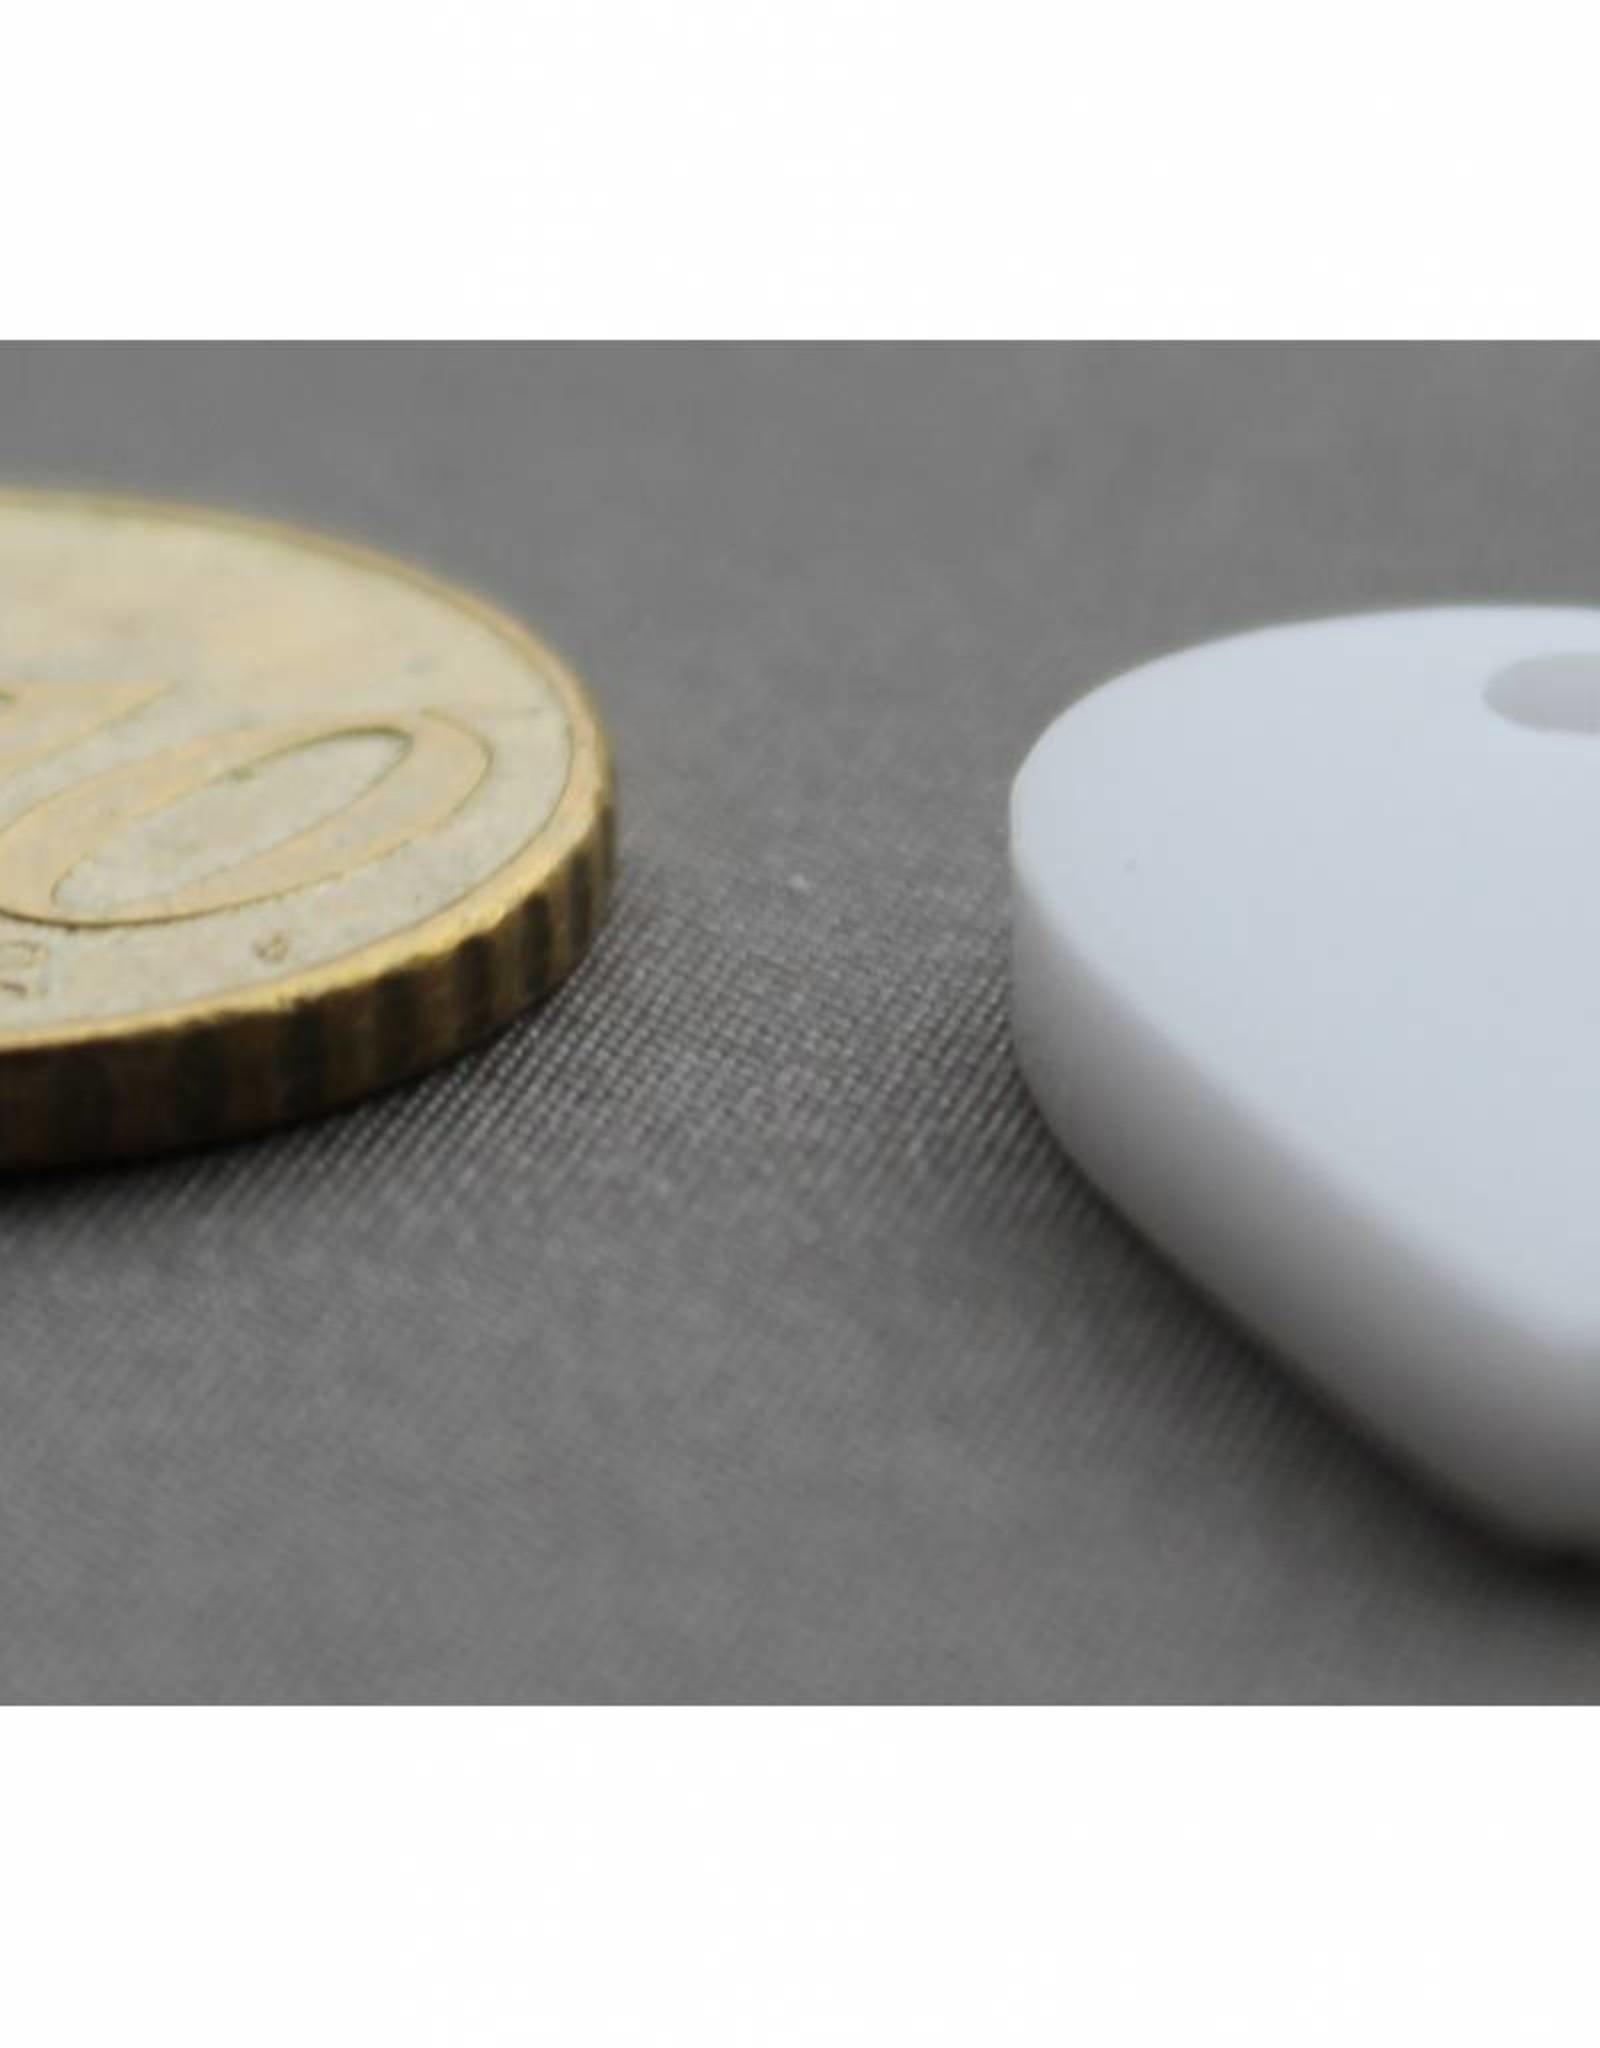 wit hartje klein met gaatje voor aan armband of ketting